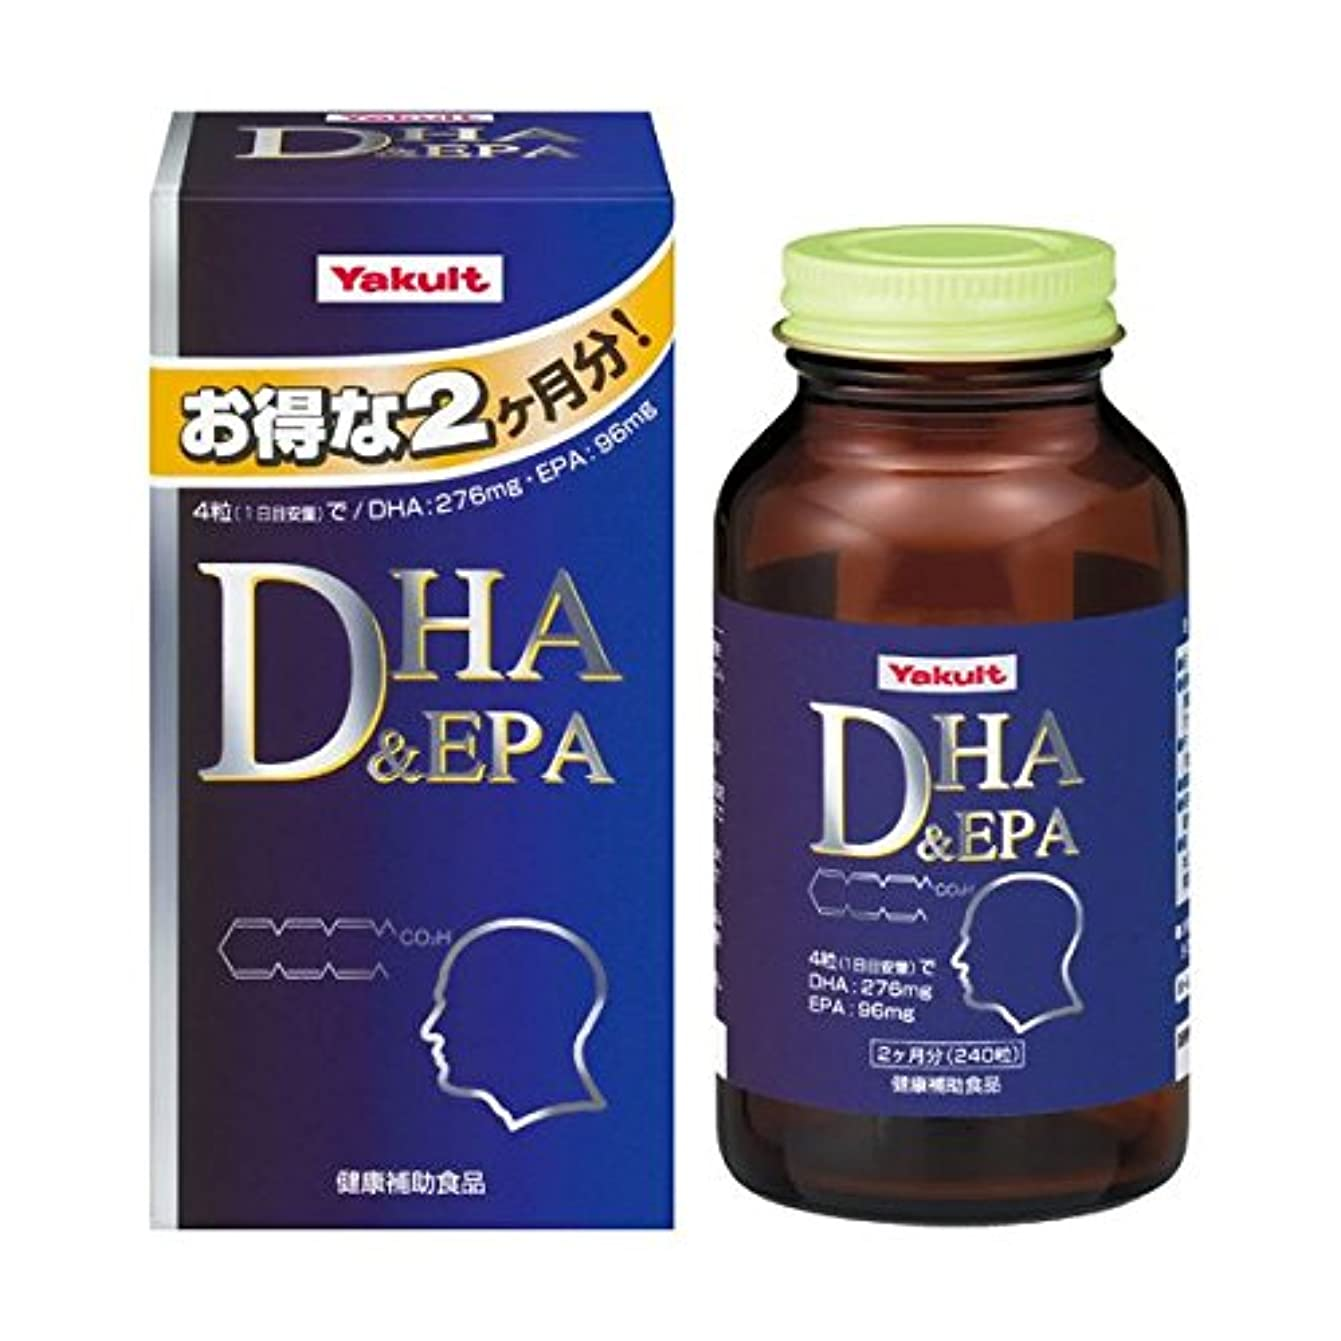 結び目忠実なロープヤクルト DHA&EPA 450mg×240粒【2個セット】